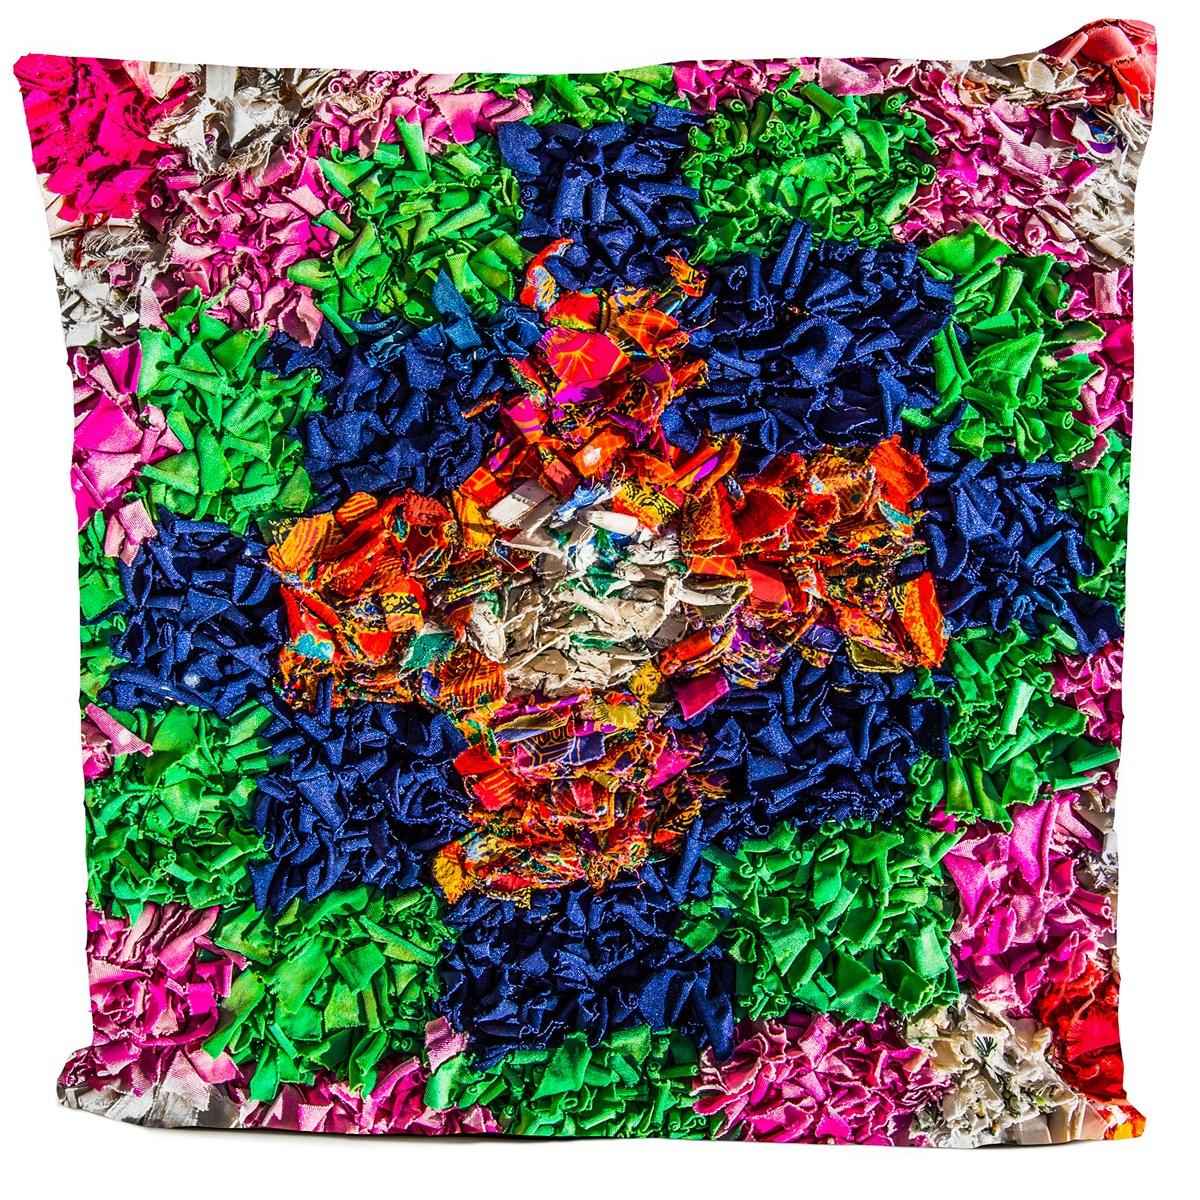 Coussin velours carré imprimé ethnique vert pur 60x60